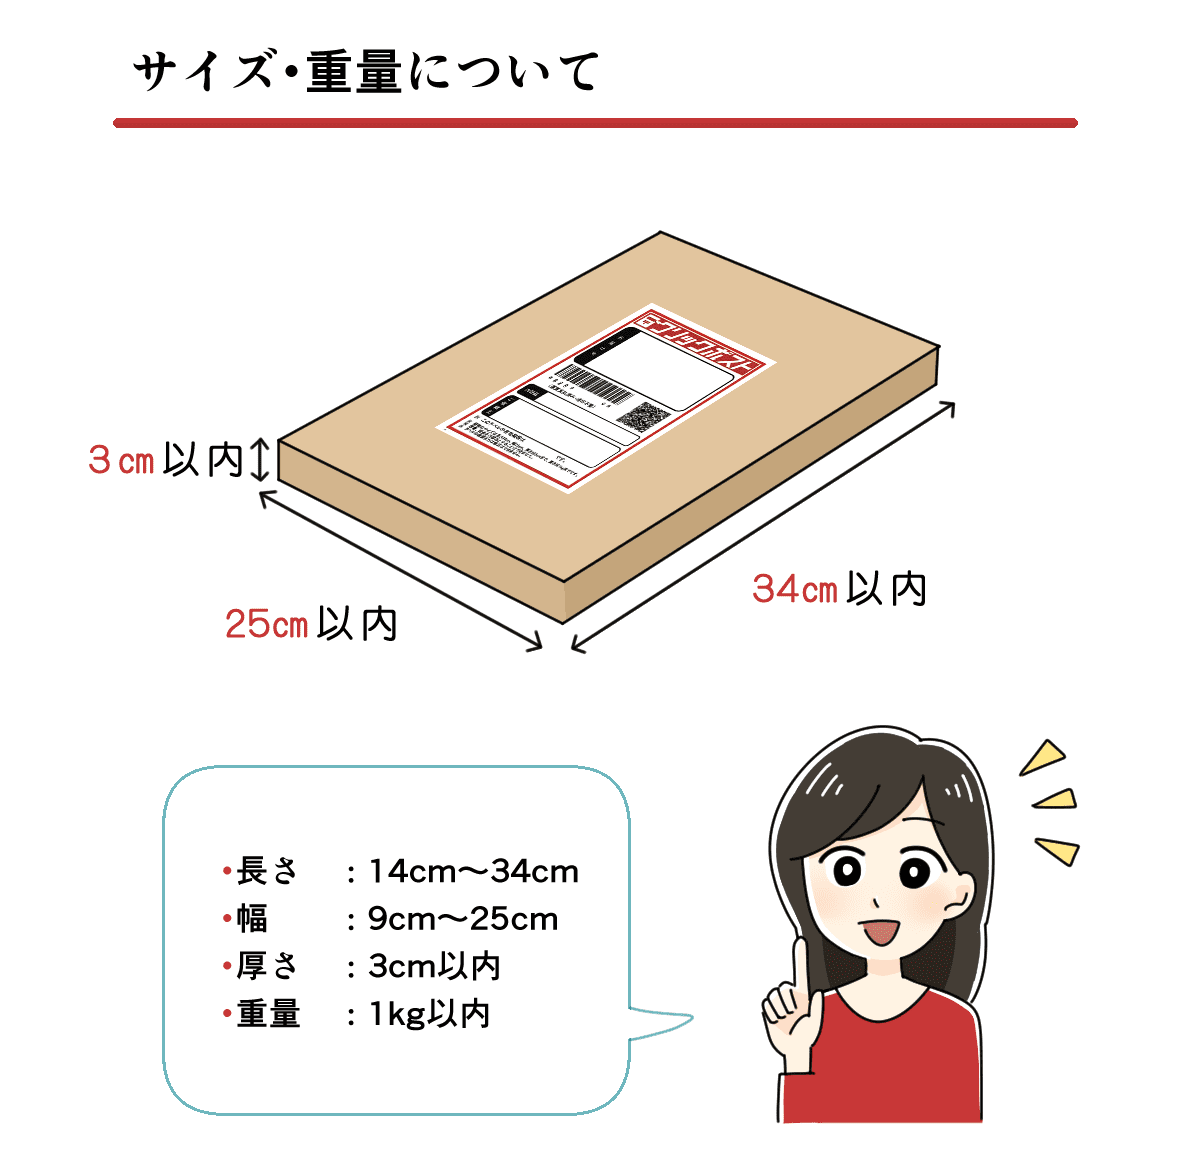 クリックポスト_イラスト_着彩_1_修正版1